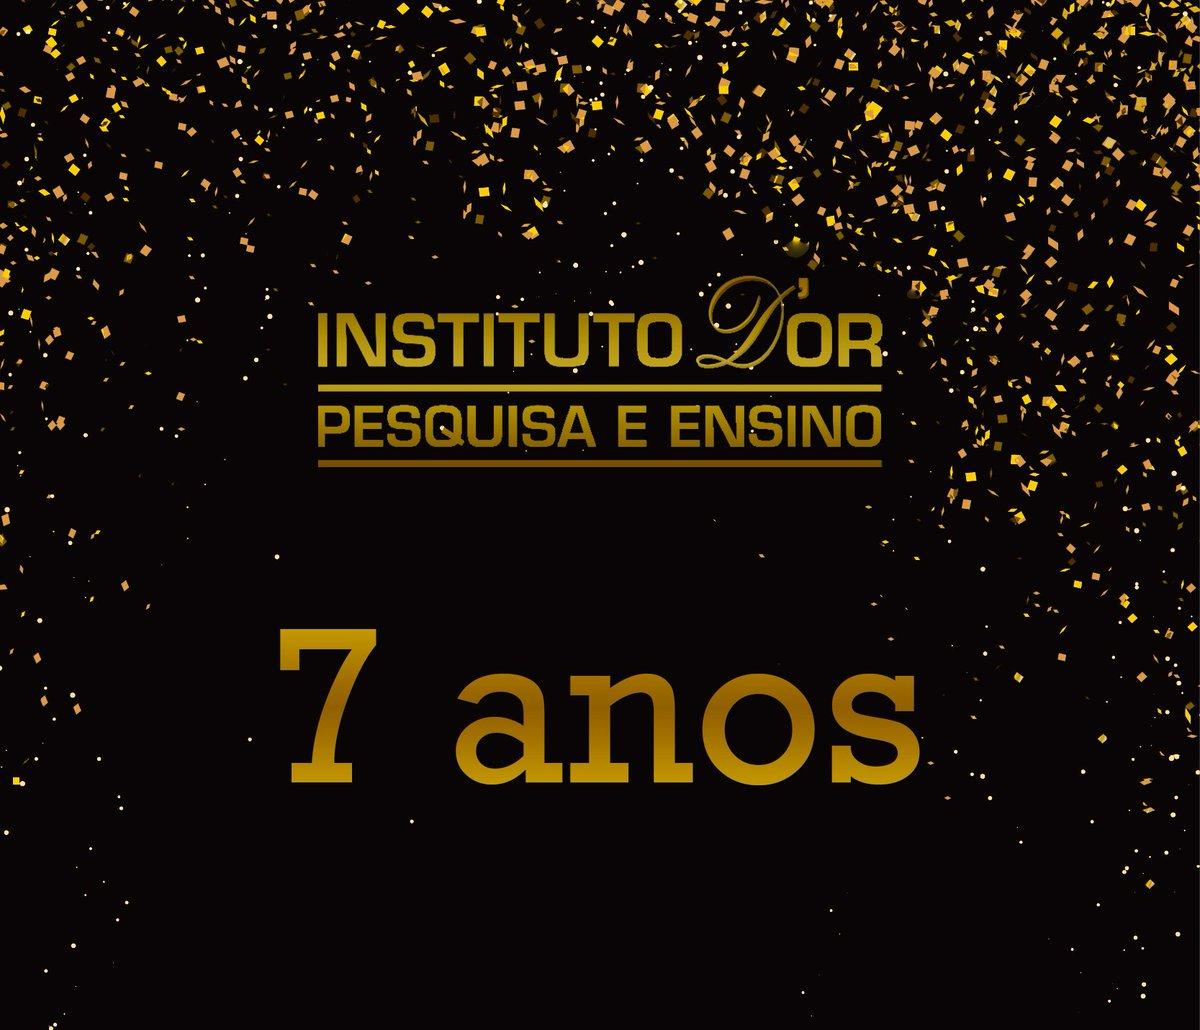 São 7 anos contribuindo para a evolução da sociedade, gerando novas descobertas e transformando ciência em conhecimento!